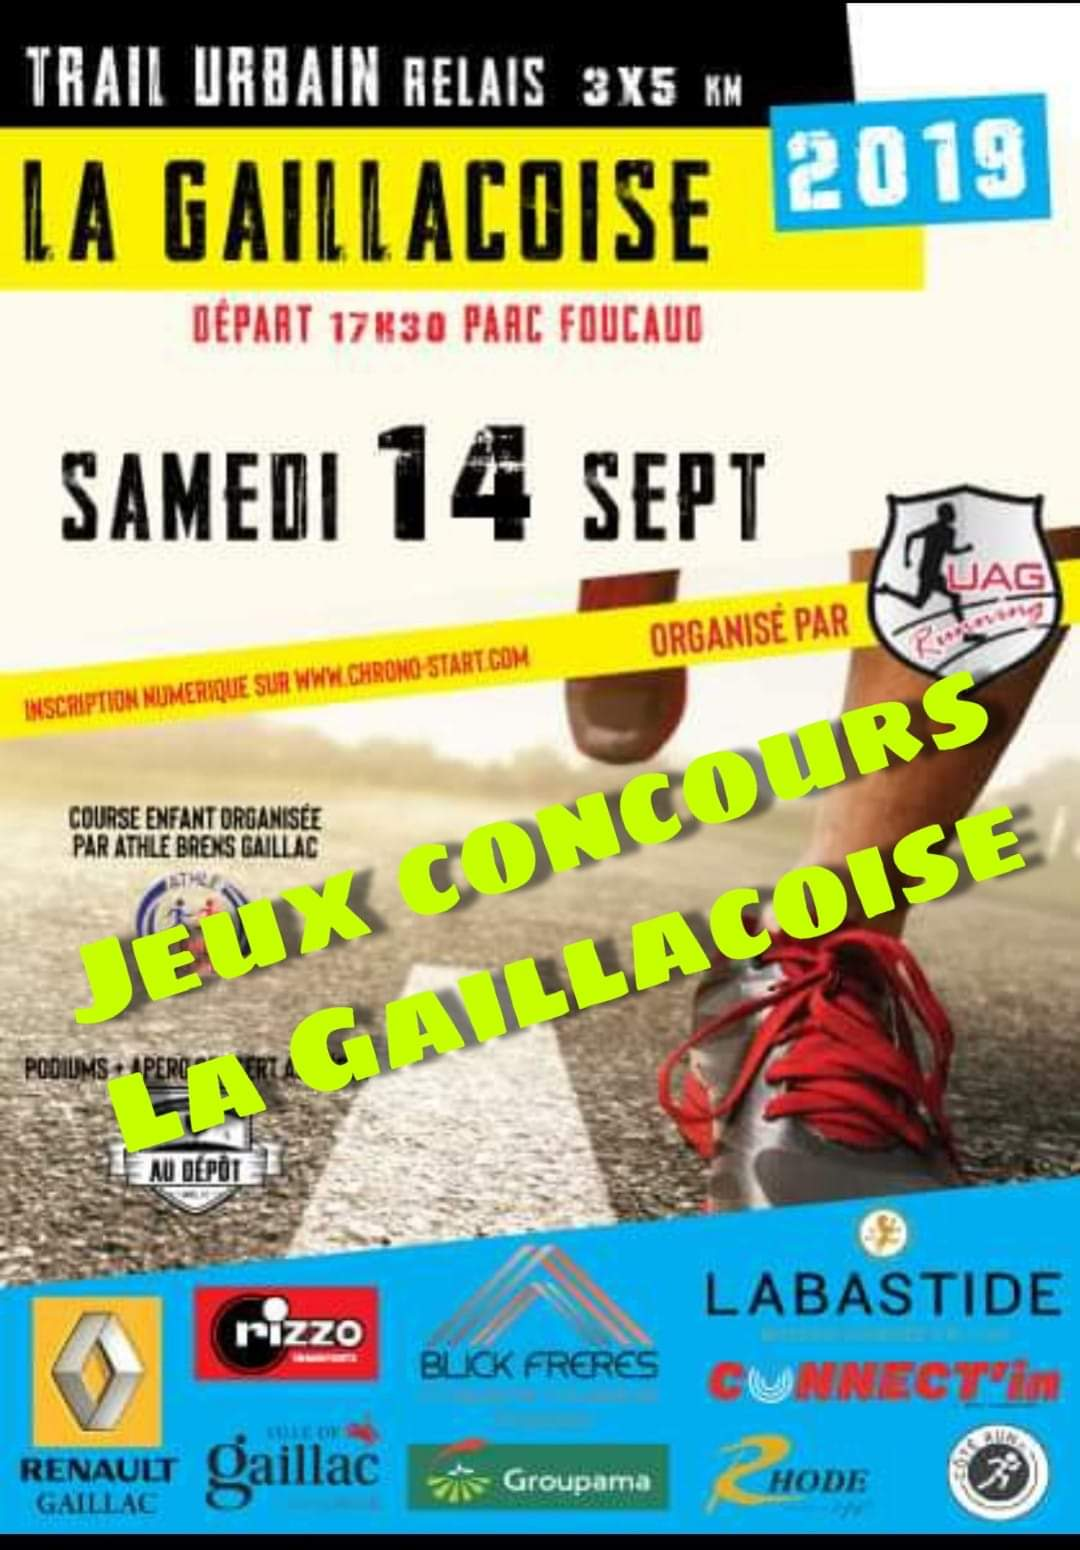 La Gaillacoise à Gaillac